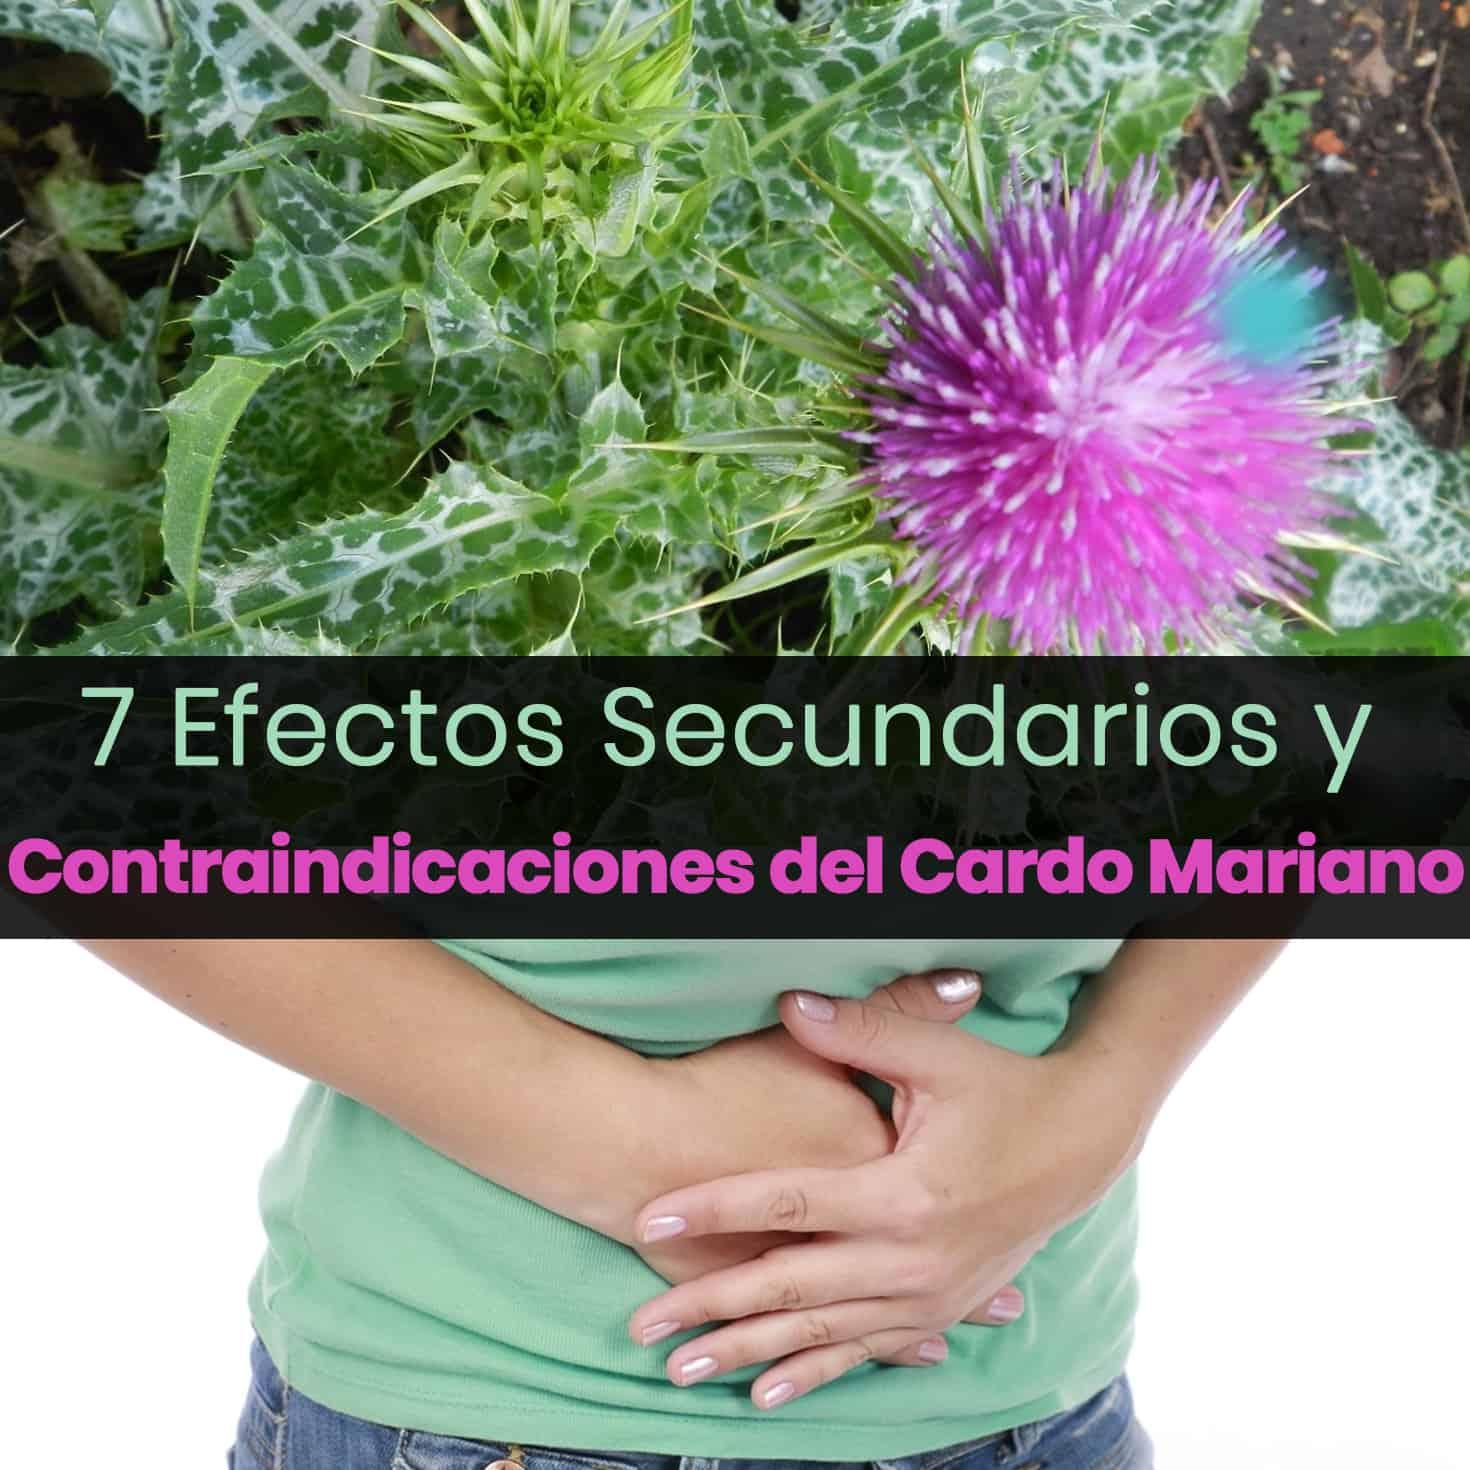 , 7 Efectos Secundarios Serios Y Contraindicaciones del Cardo Mariano, Alimenta y Cura